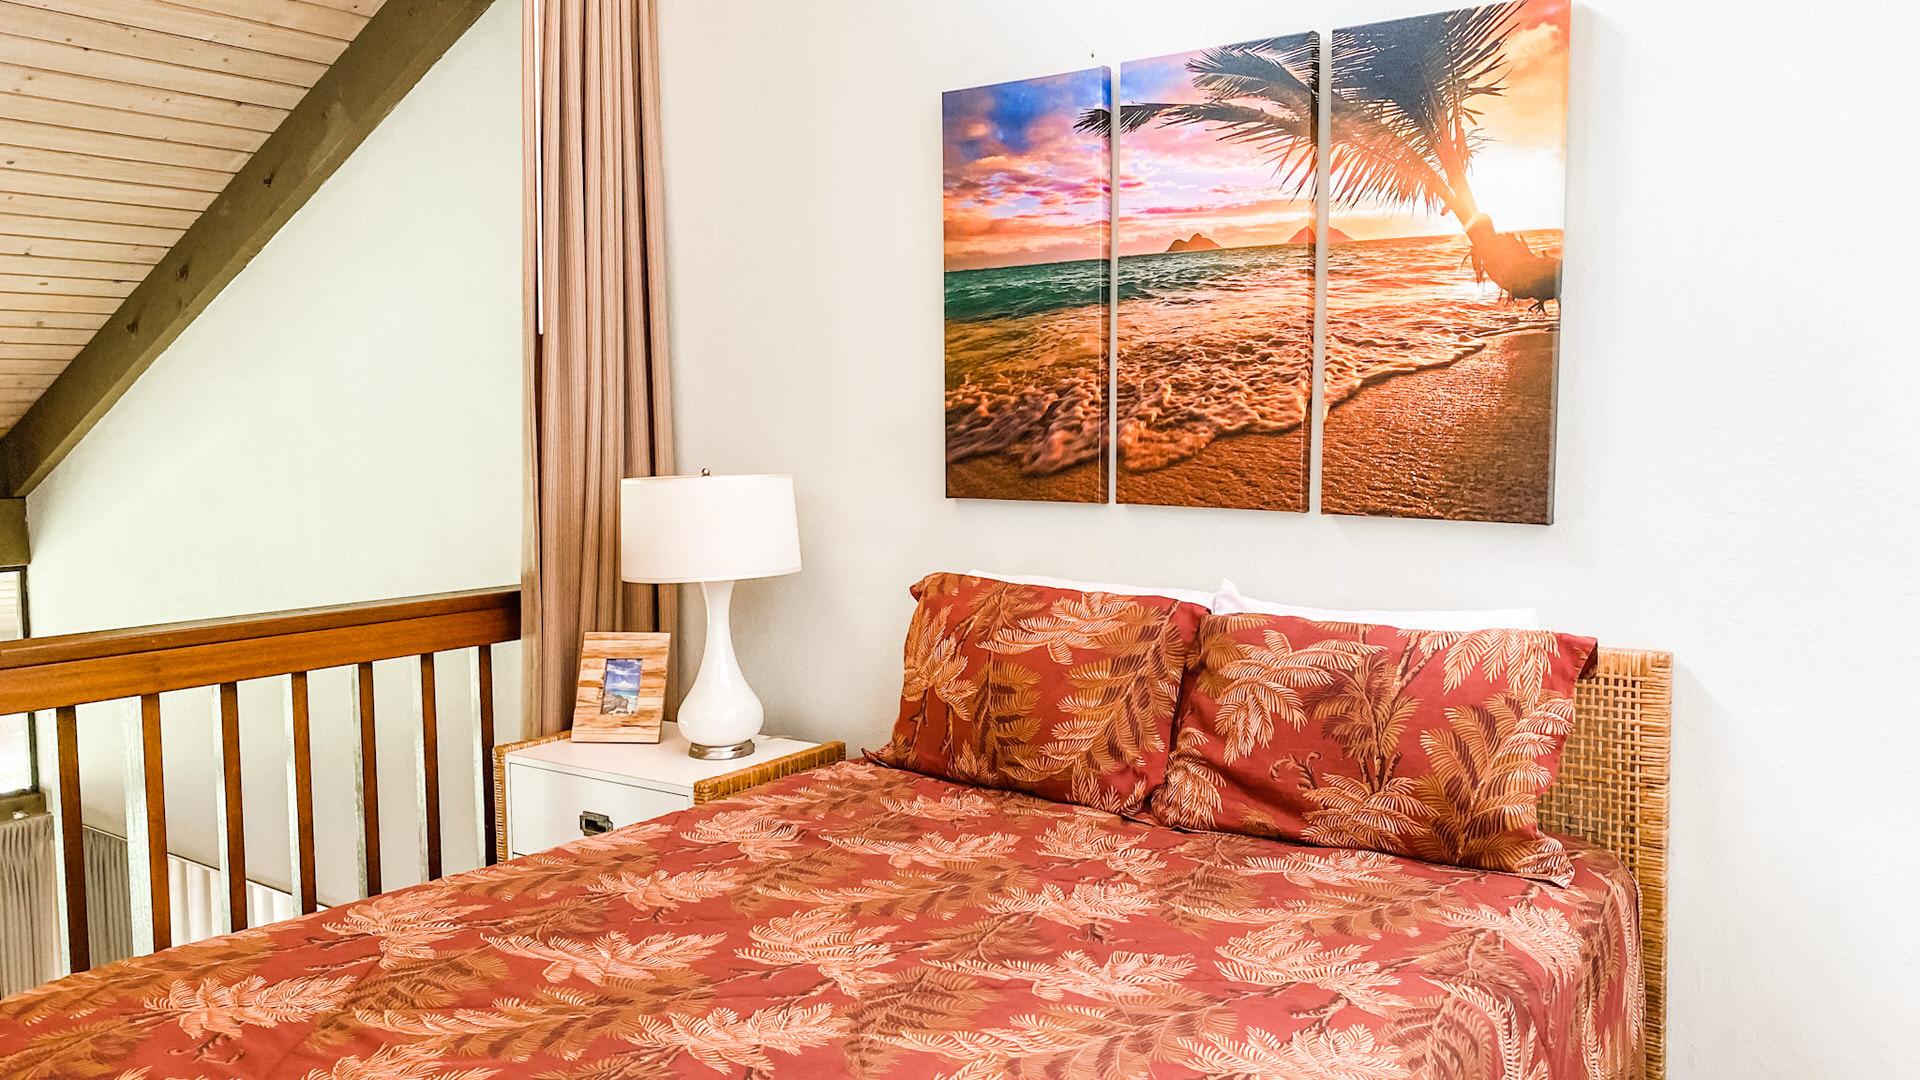 C311 Loft Bedroom Bed